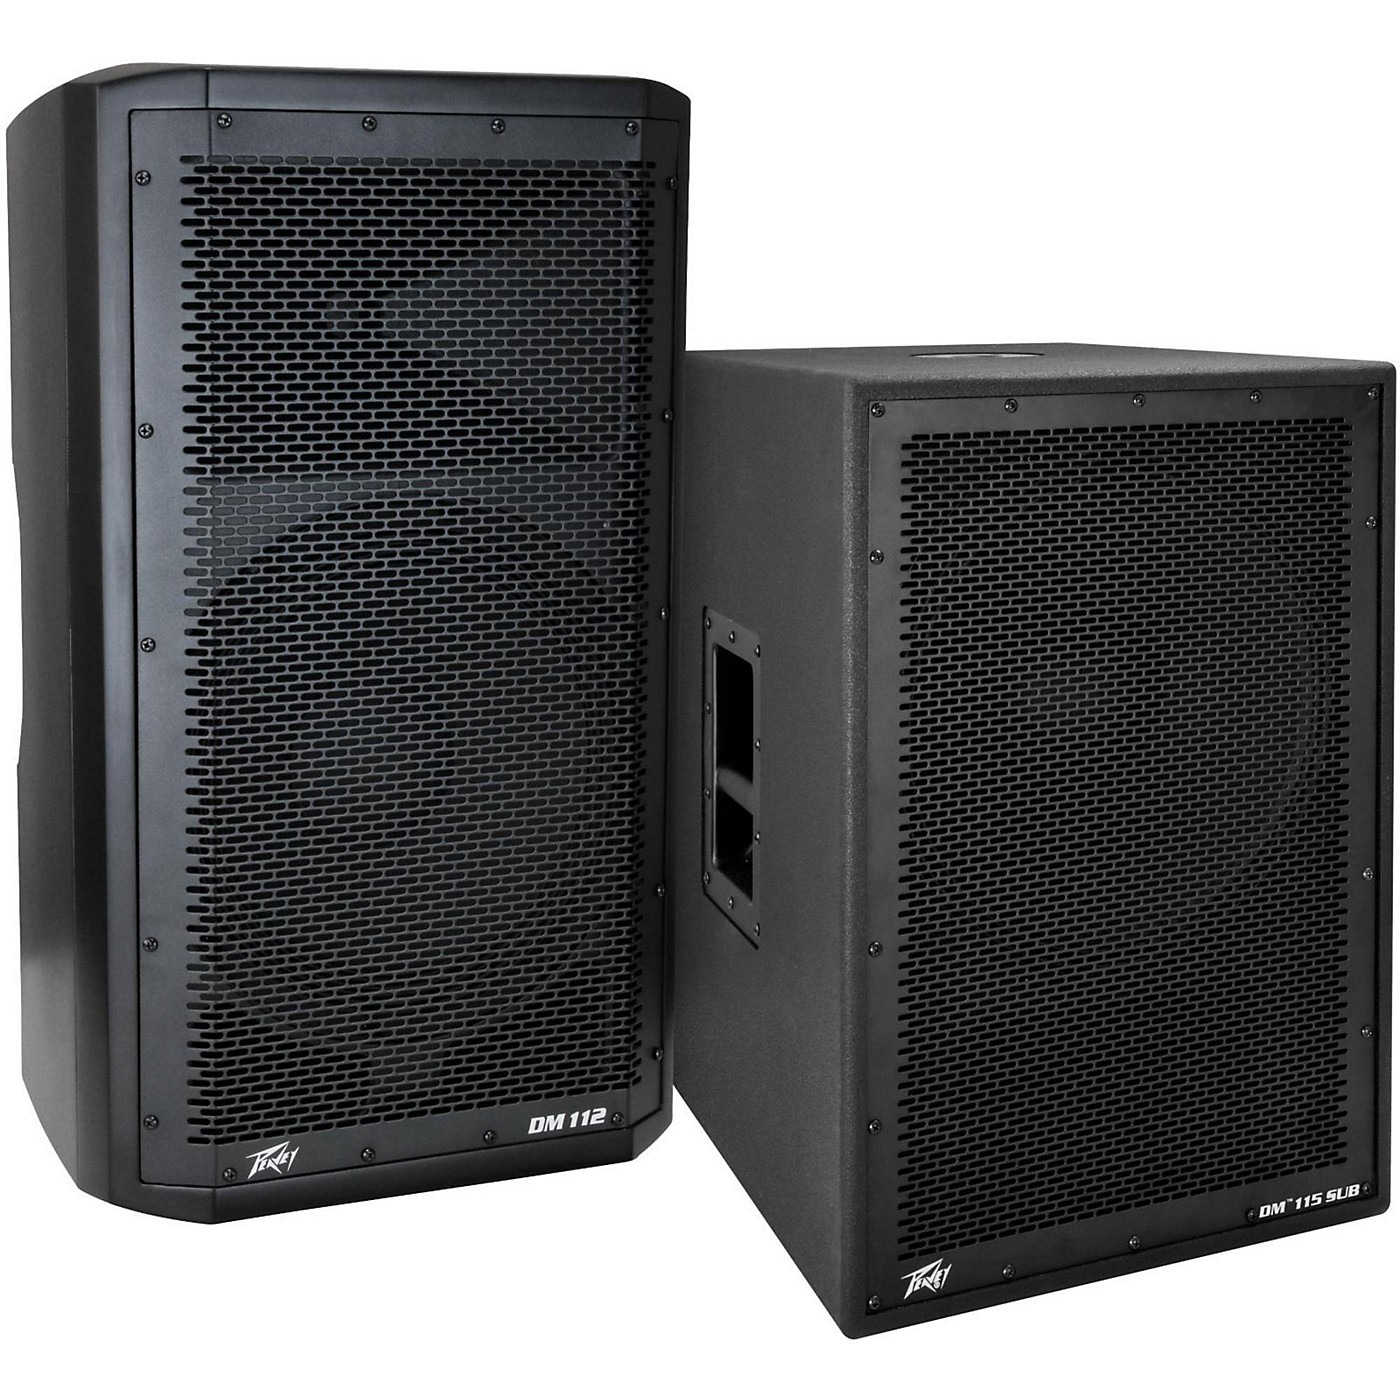 Peavey Dark Matter DM 112 Powered Speaker and DM115 Sub thumbnail